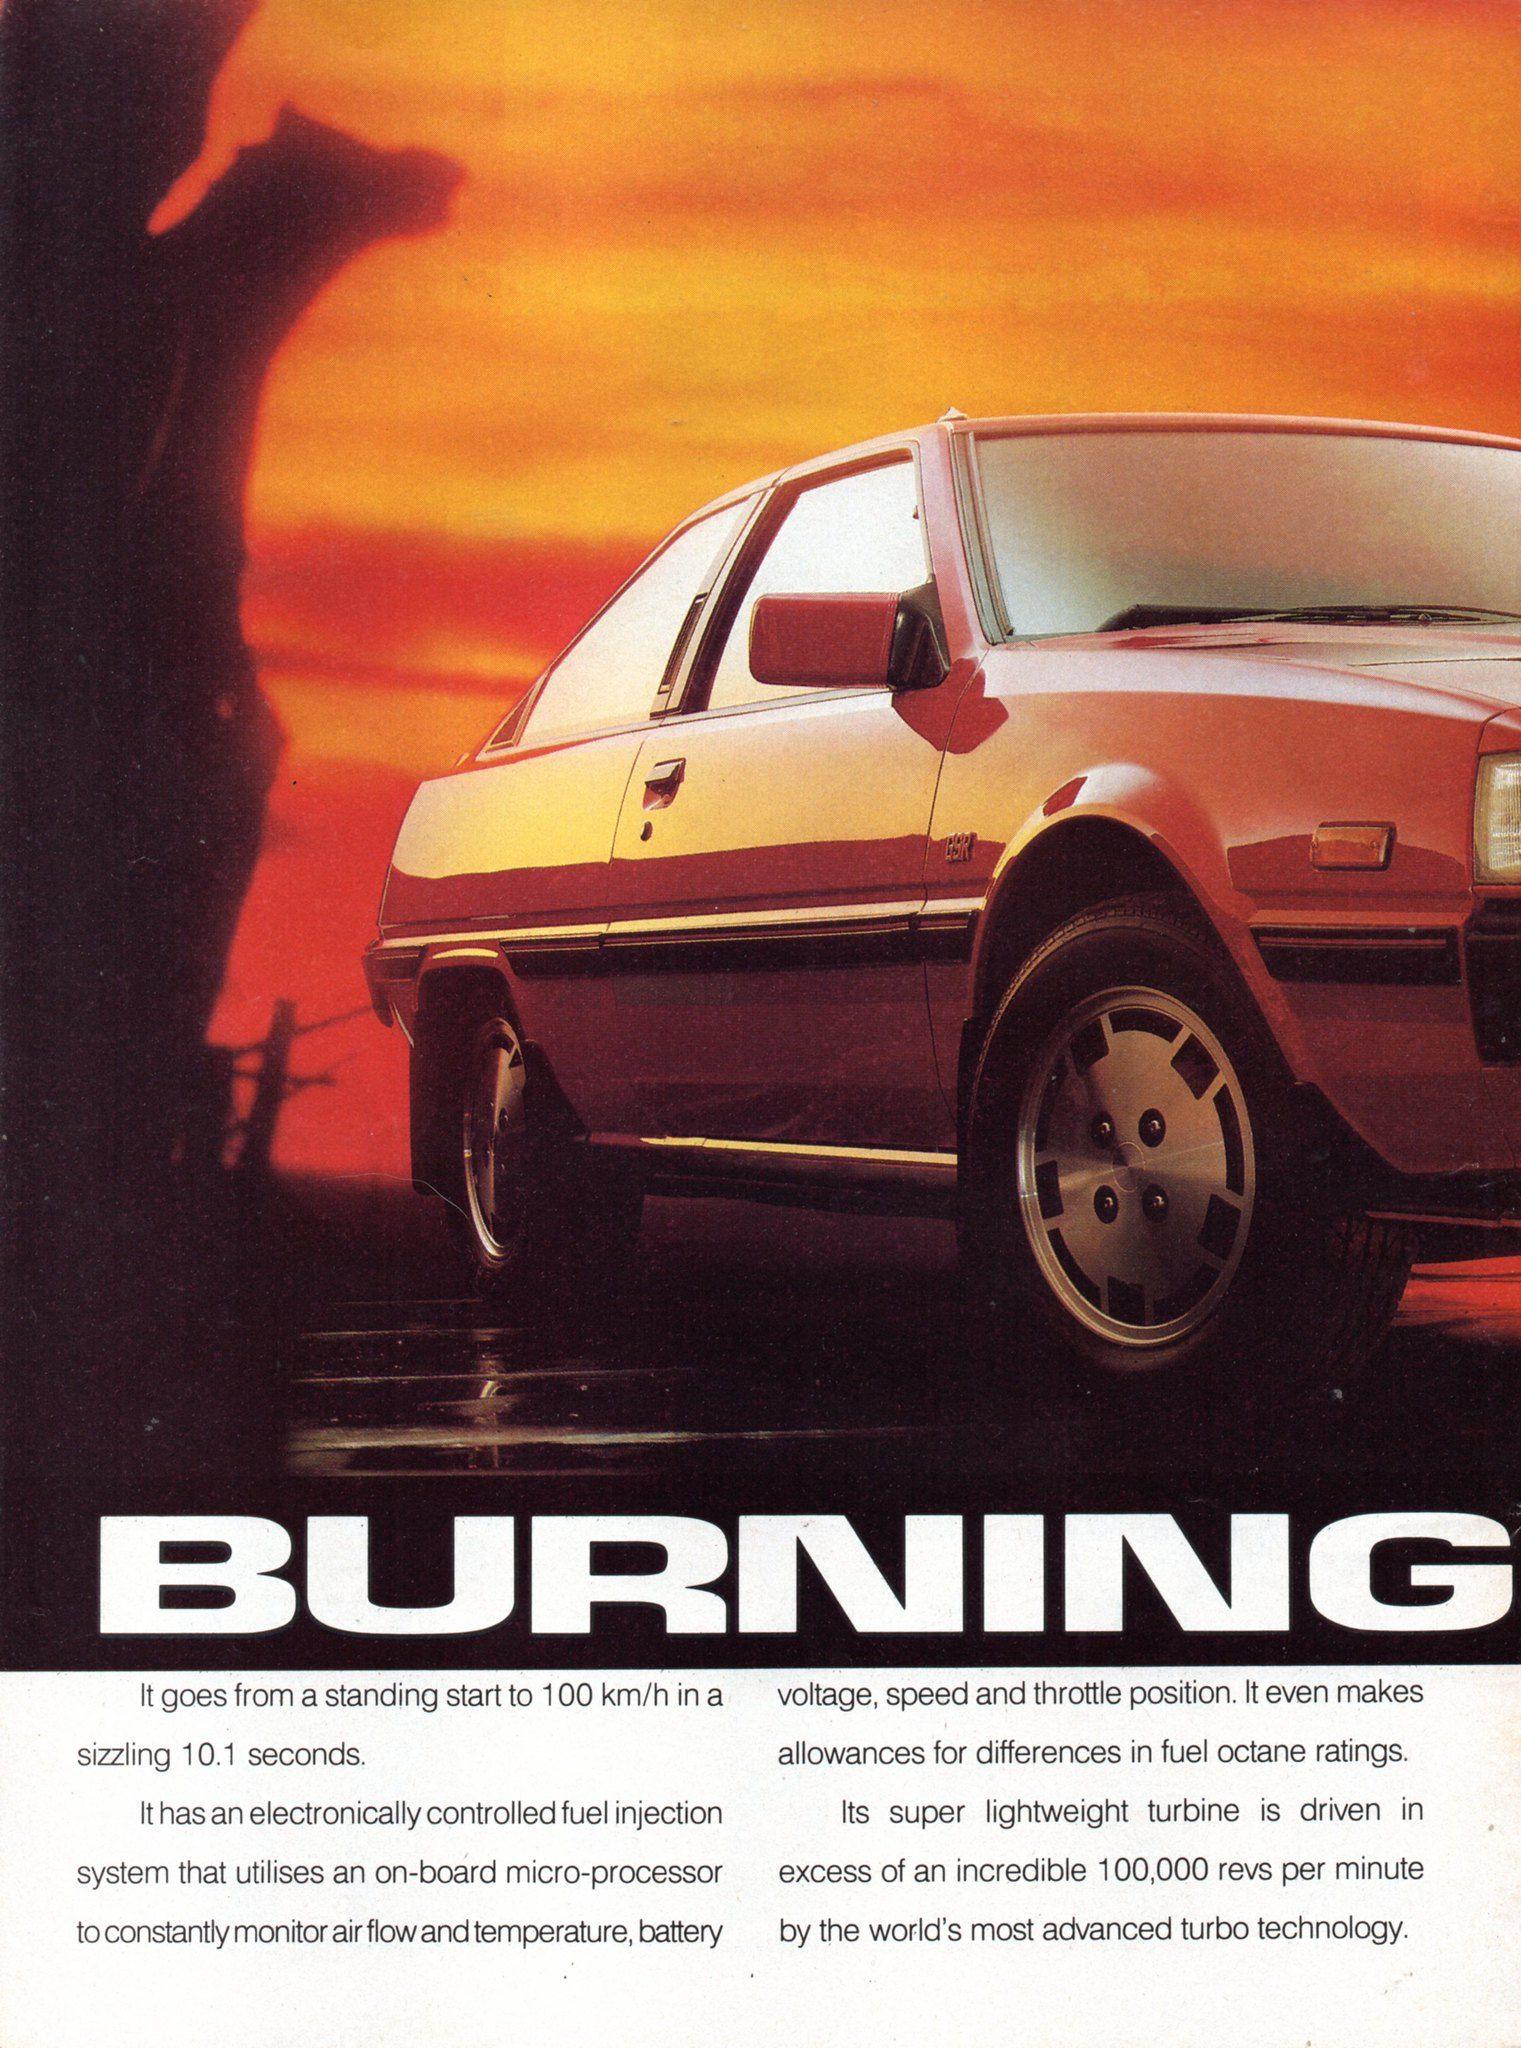 1987 Mitsubishi Cordia Hatchback Turbo Page 1 Aussie